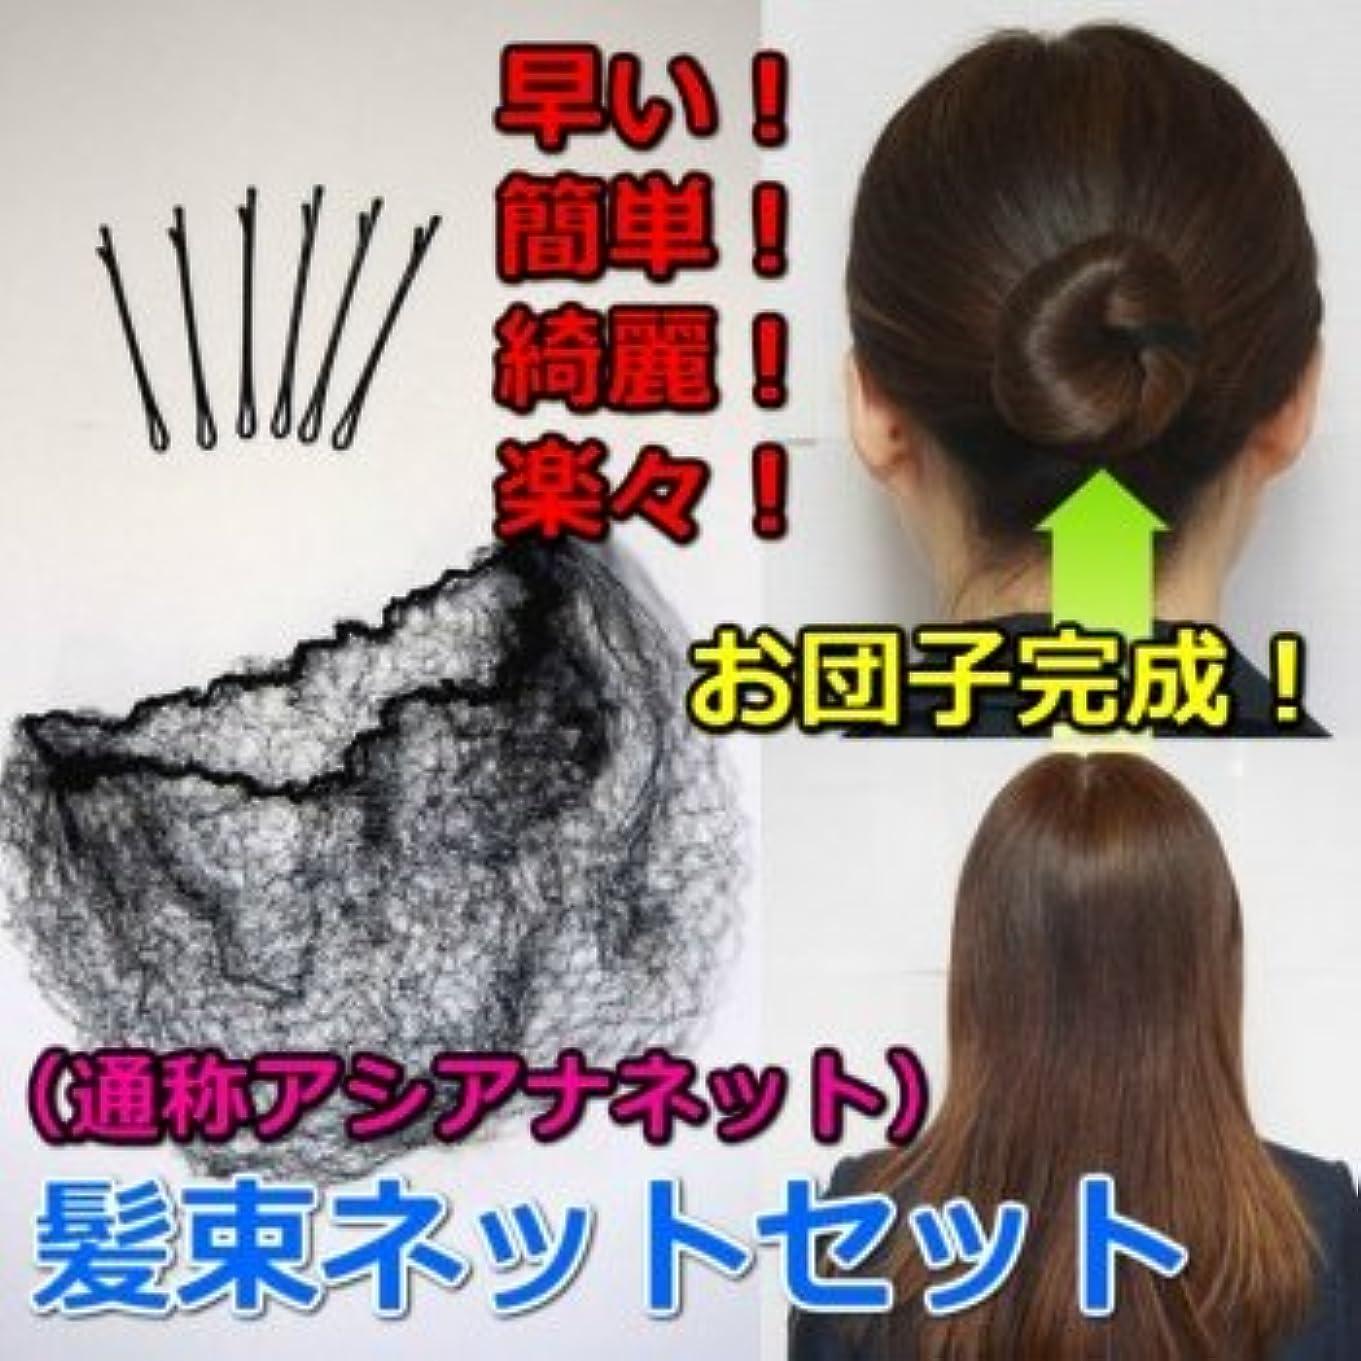 ドラム贅沢ケープ髪束ねネットセット(アシアナネット) 50枚セット